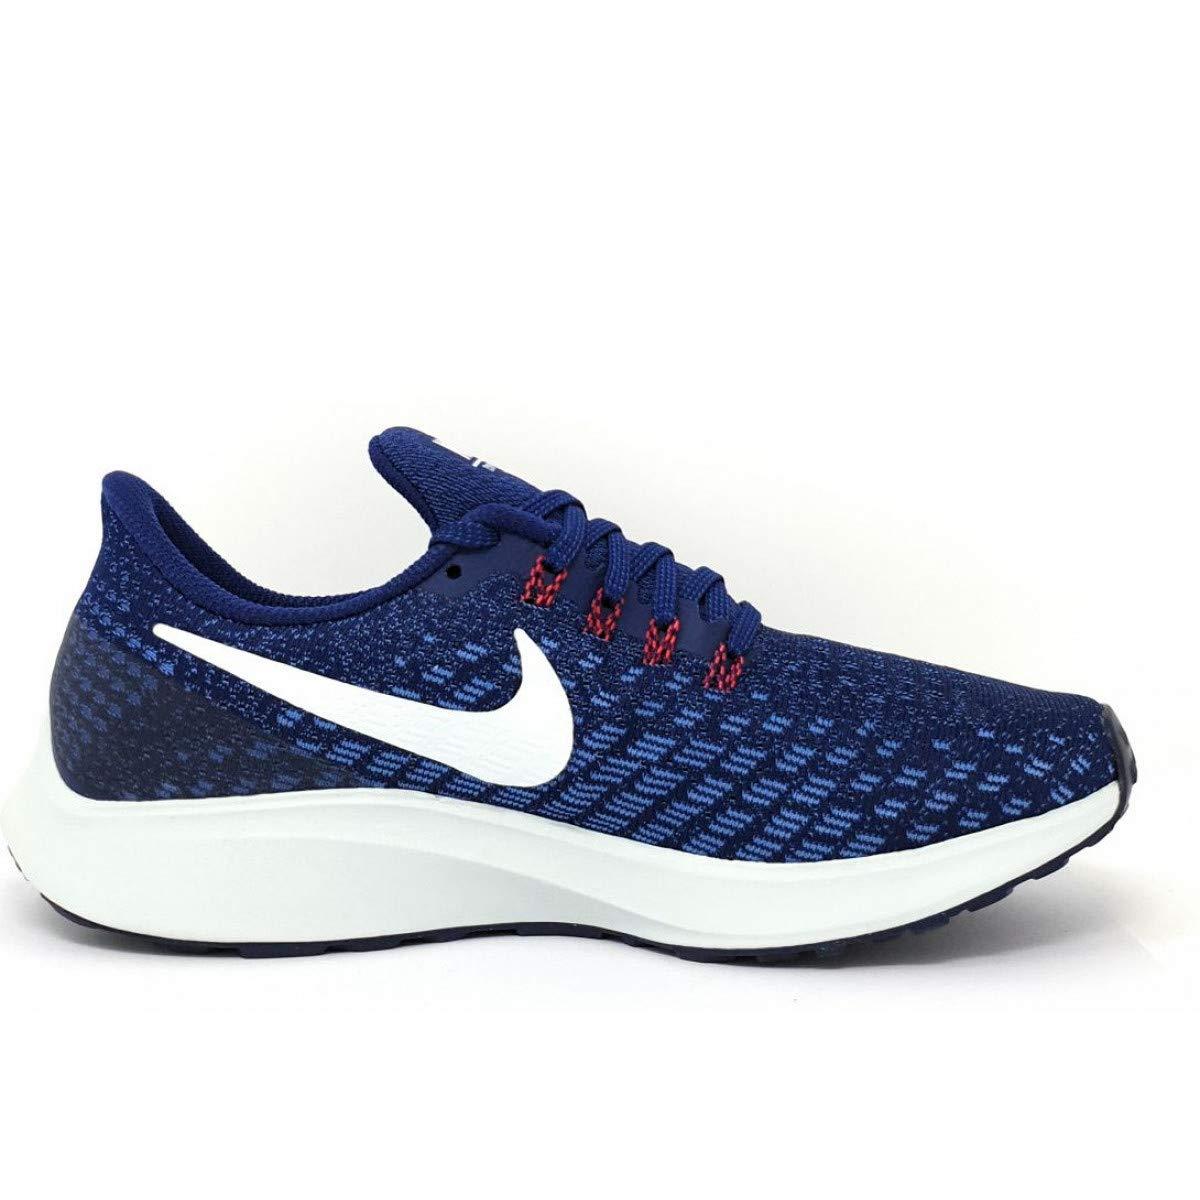 Nike Wmns Air Zoom Pegasus 35, Zapatillas de Running para Mujer, Multicolor (Spruce Aura/Spruce Fog/Vintage Lichen 010), 36.5 EU: Amazon.es: Zapatos y complementos